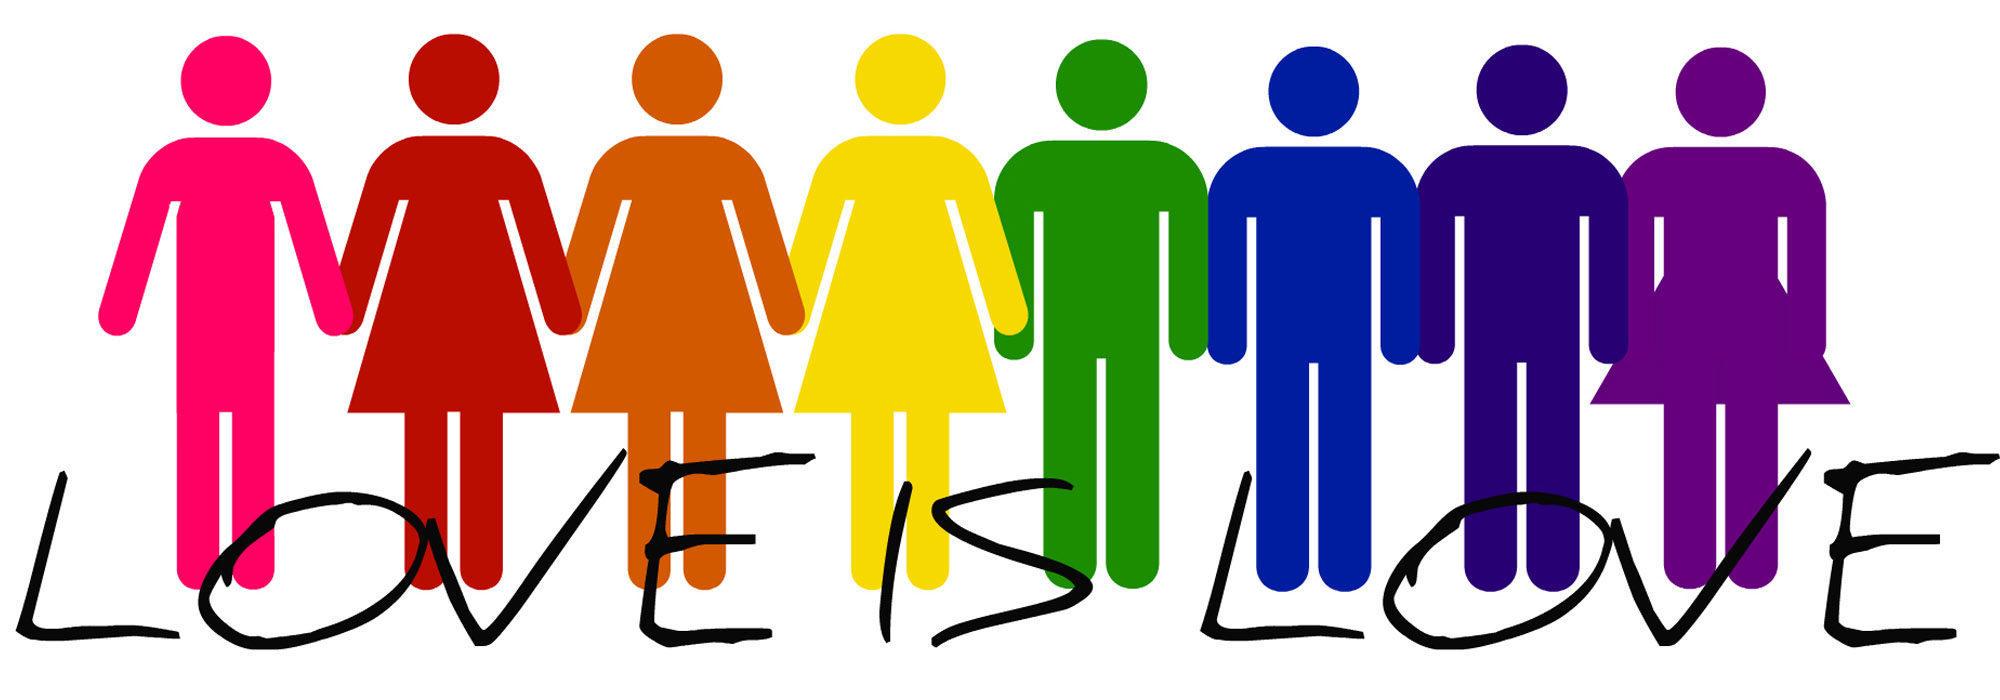 11 personajes de ficción que visualizan los derechos del colectivo LGBT